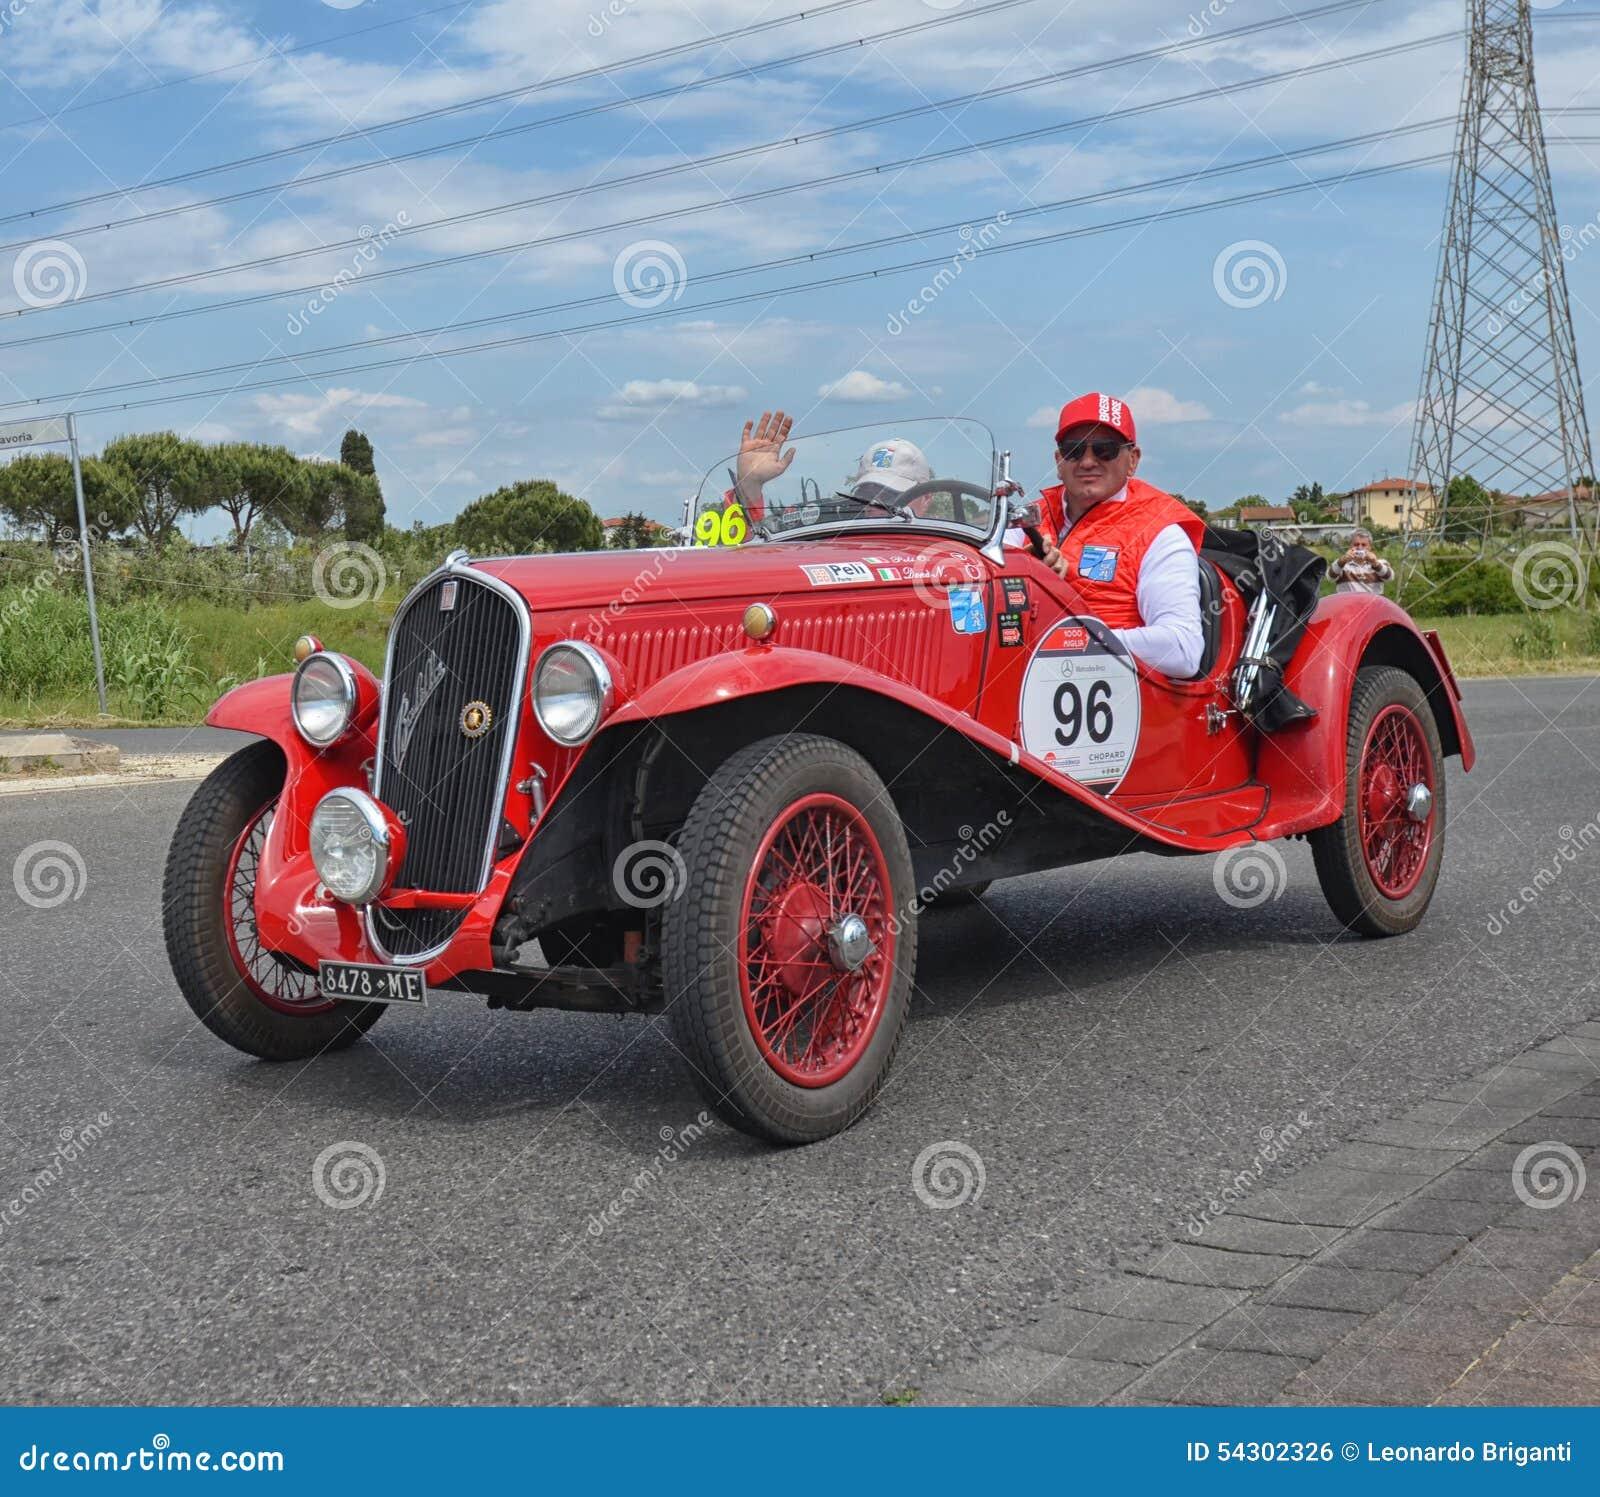 car race vintage italian